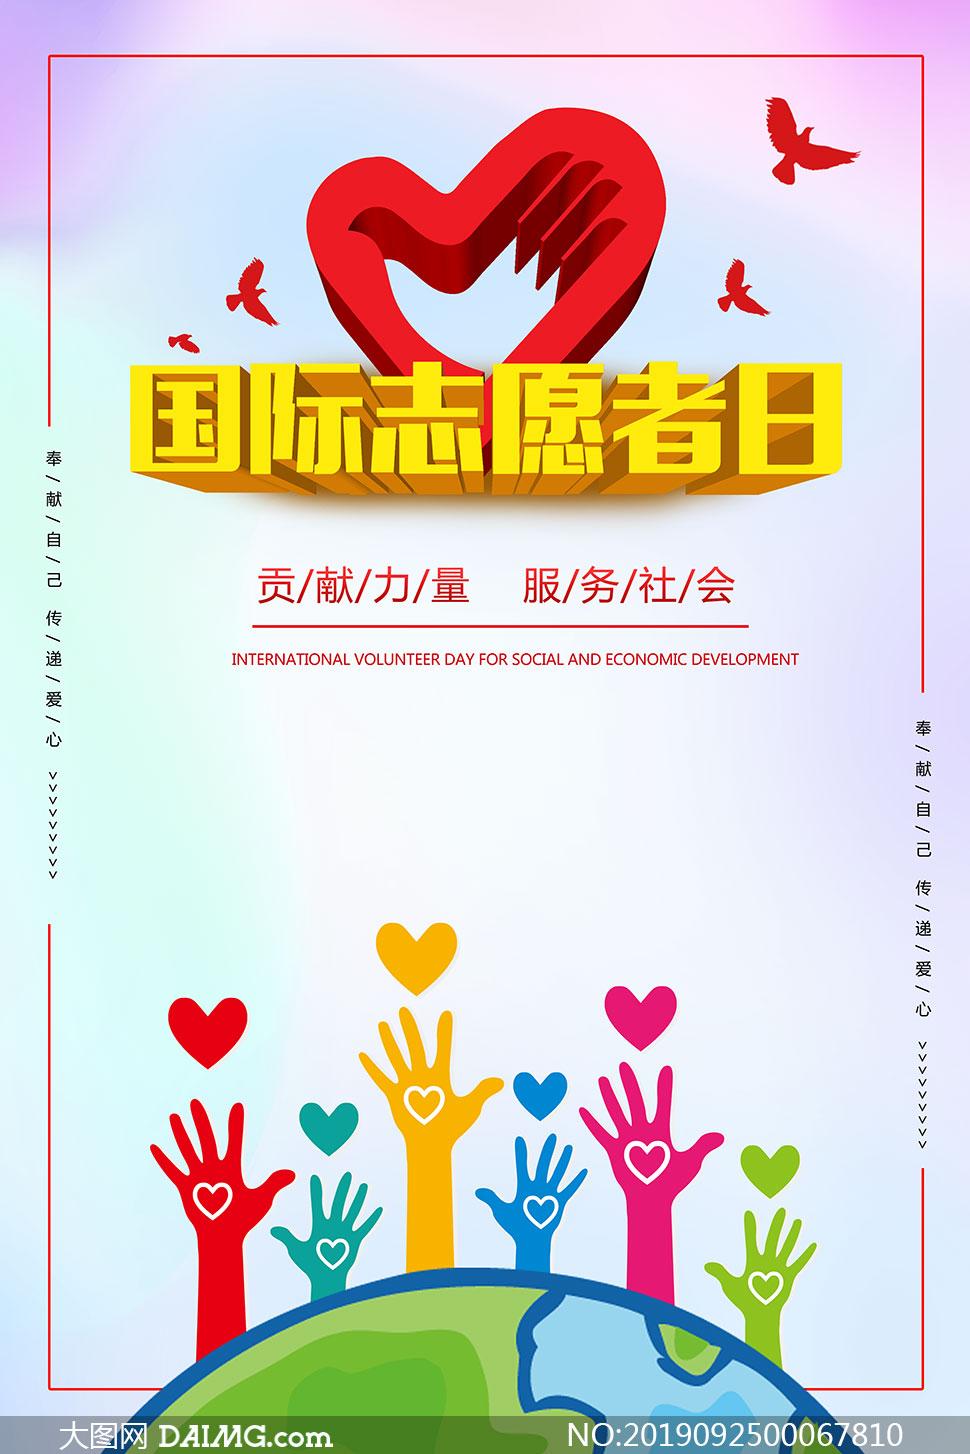 国际志愿者日宣传海报设计PSD素材